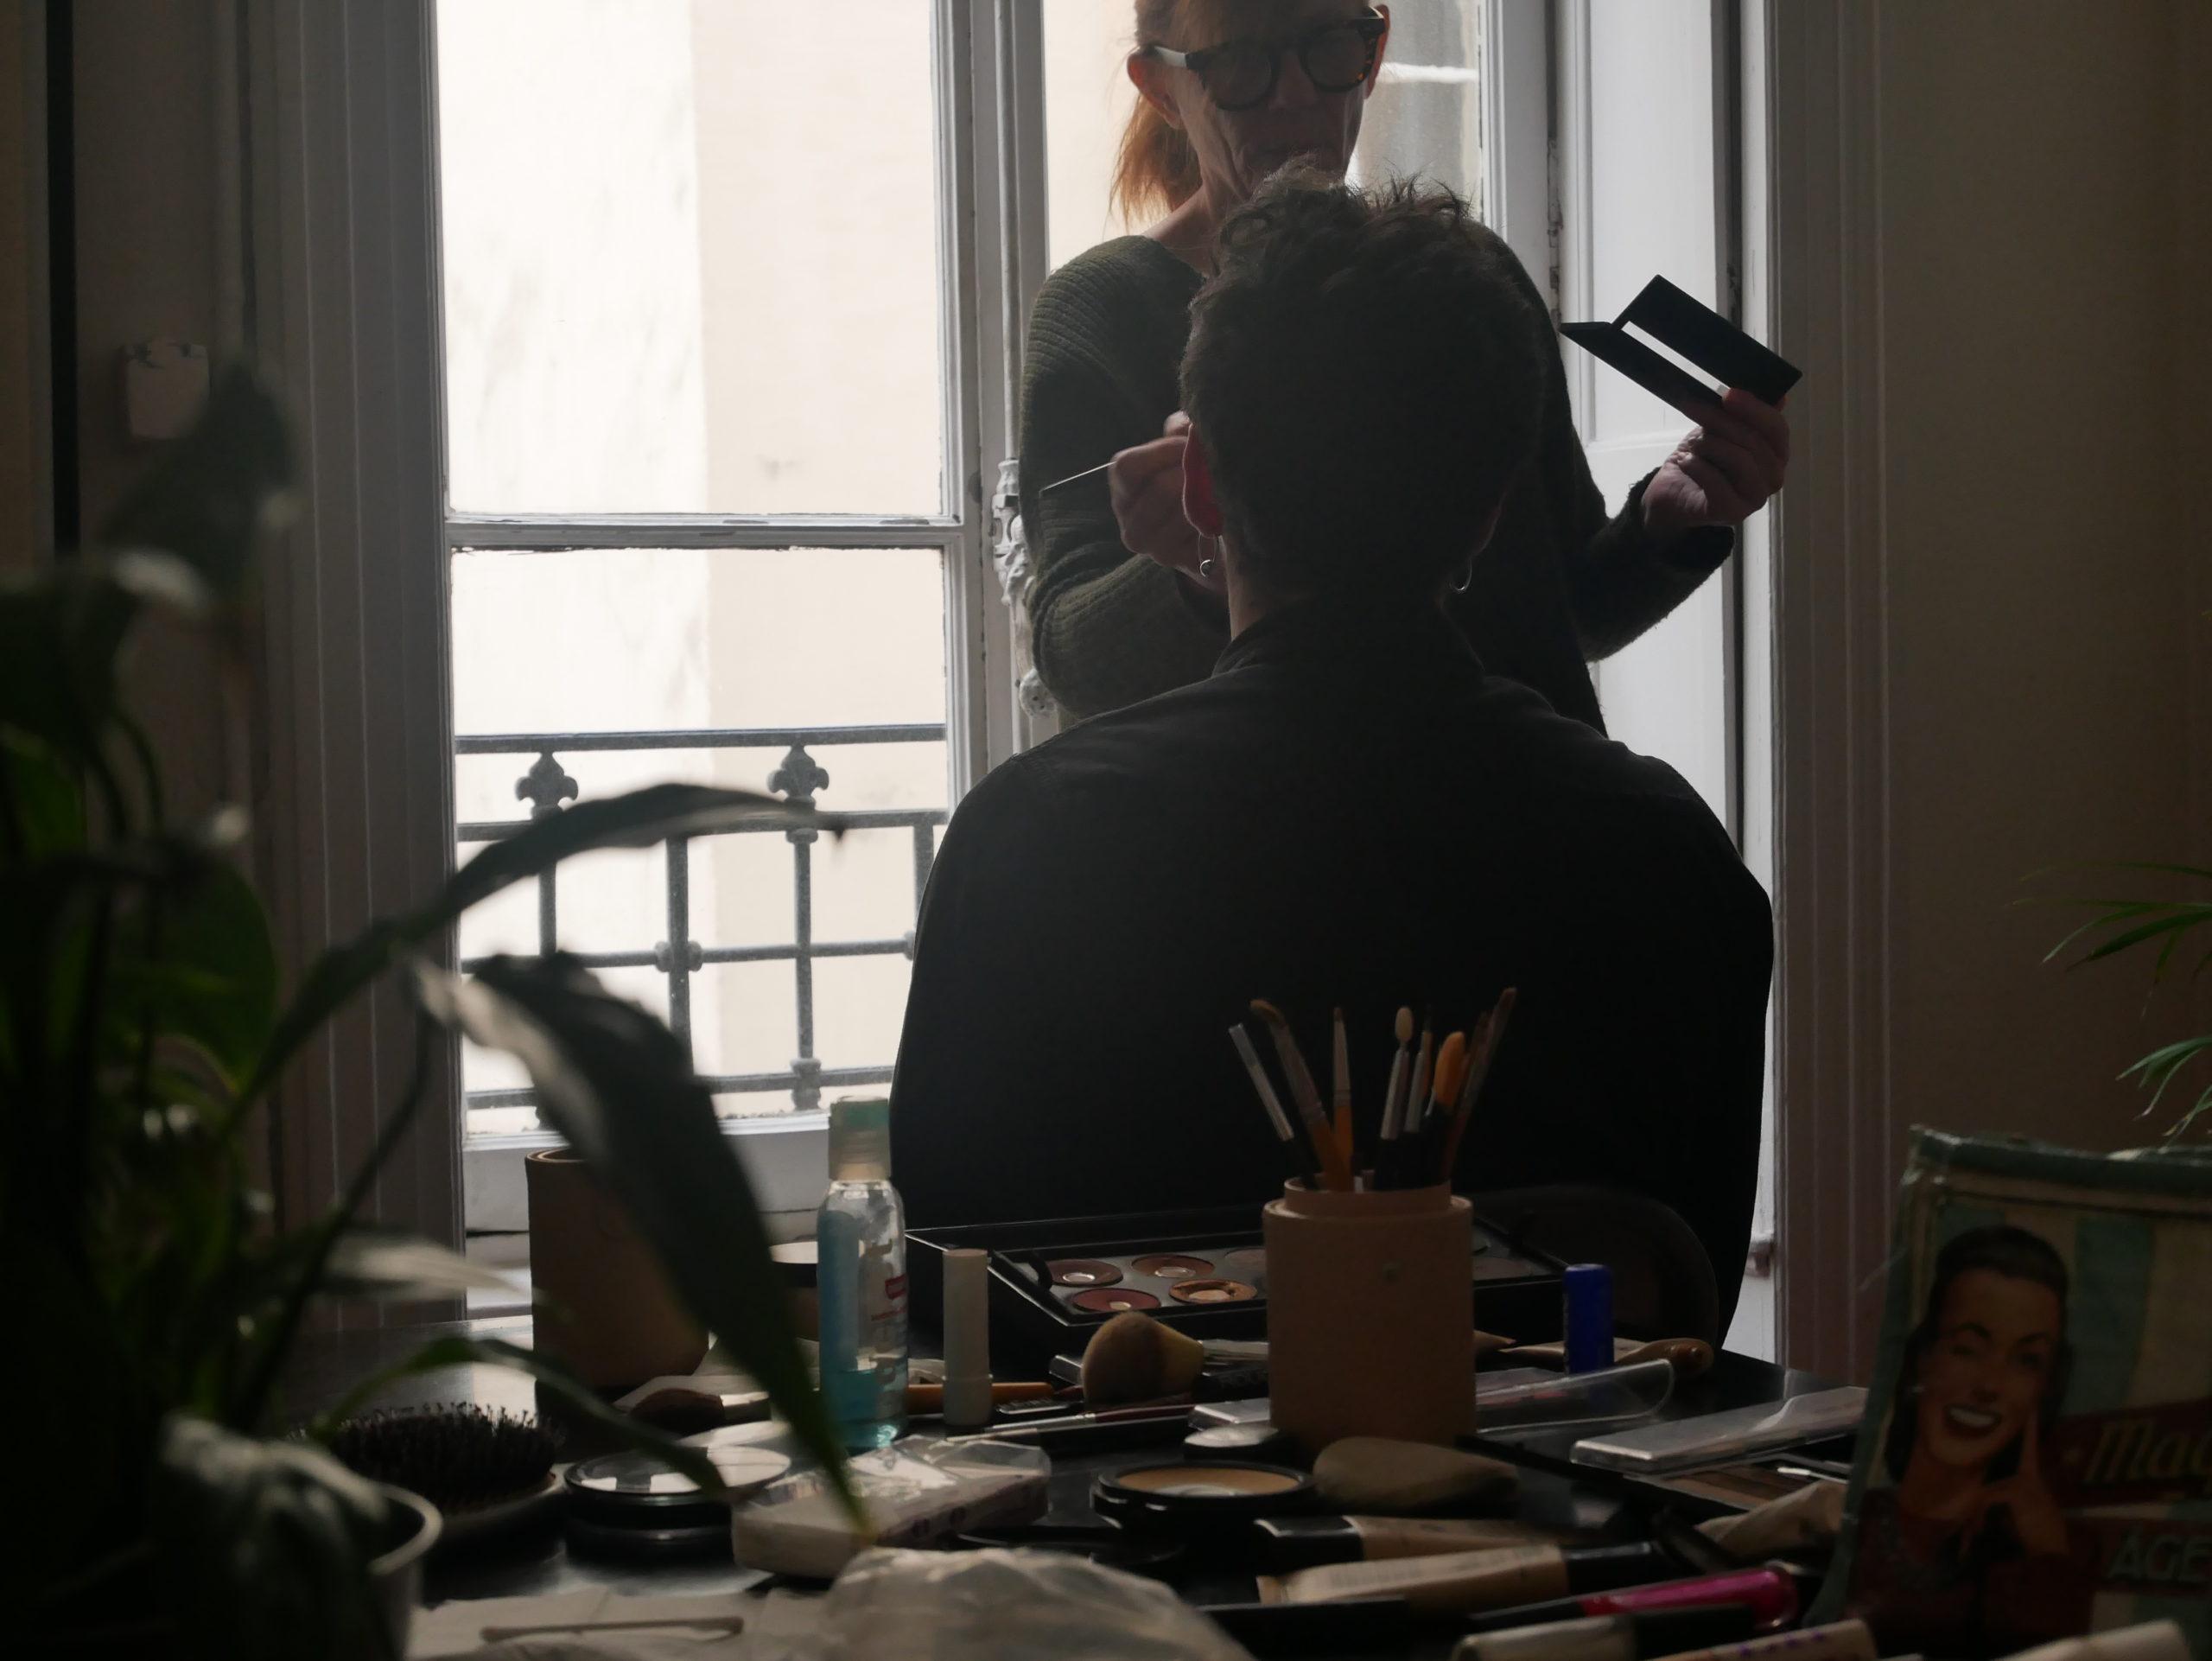 Séance de maquillage pour le shooting photo de l'agence avec accessoire en premier plan étalé sur une table et personne de dos se faisant maquiller